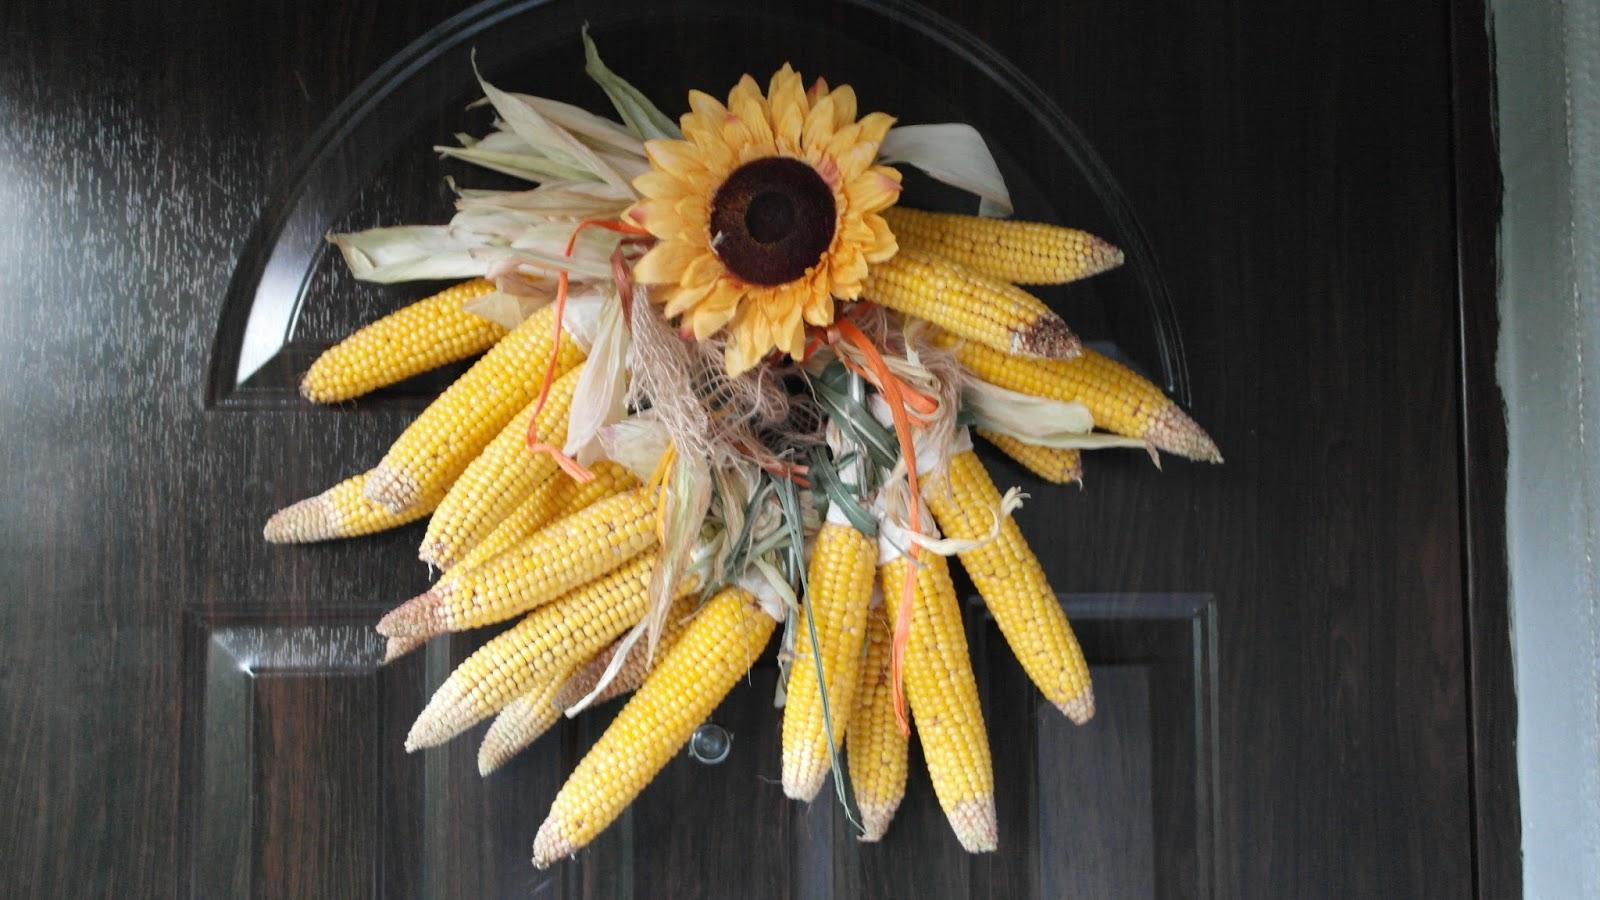 Kreatywne Dekoracje Creative Decoration Stroik Z Kukurydzy Na Drzwi Jesien